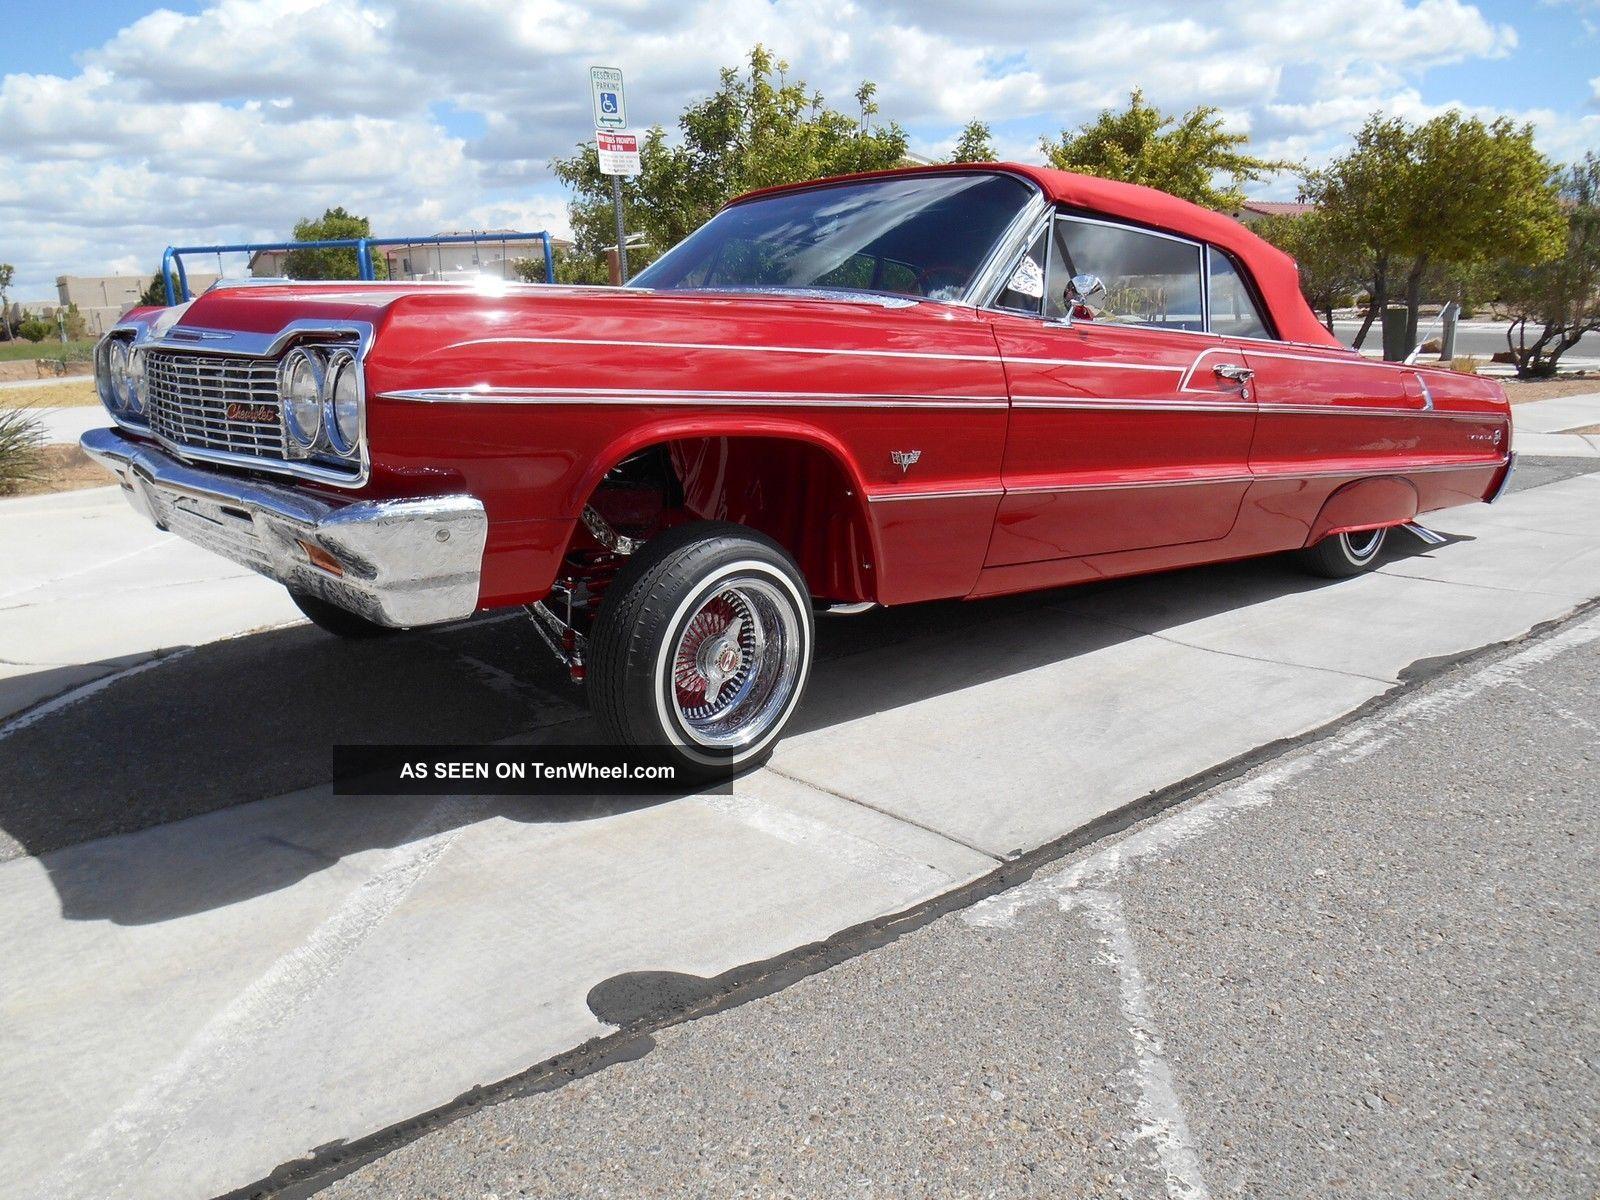 1964 Impala Convertible - Fully Engraved - Show & Go Impala photo